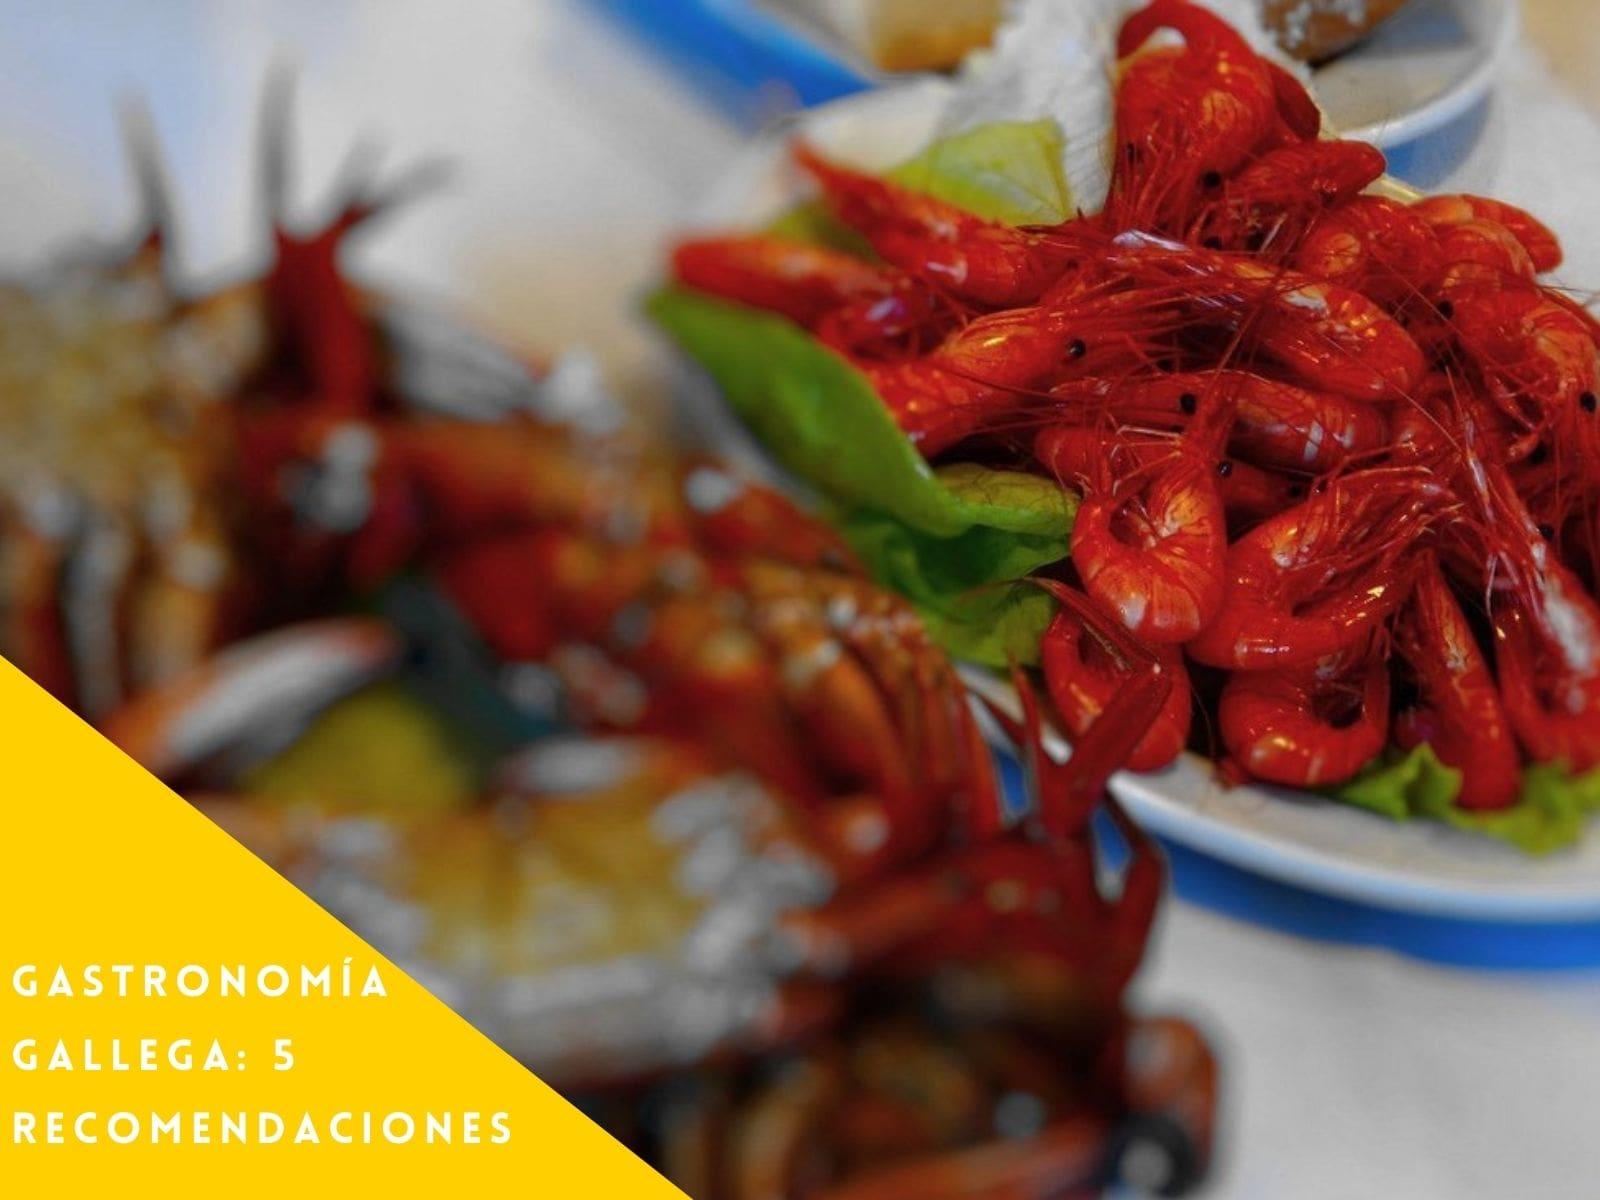 Gastronomía Gallega: 5 recomendaciones